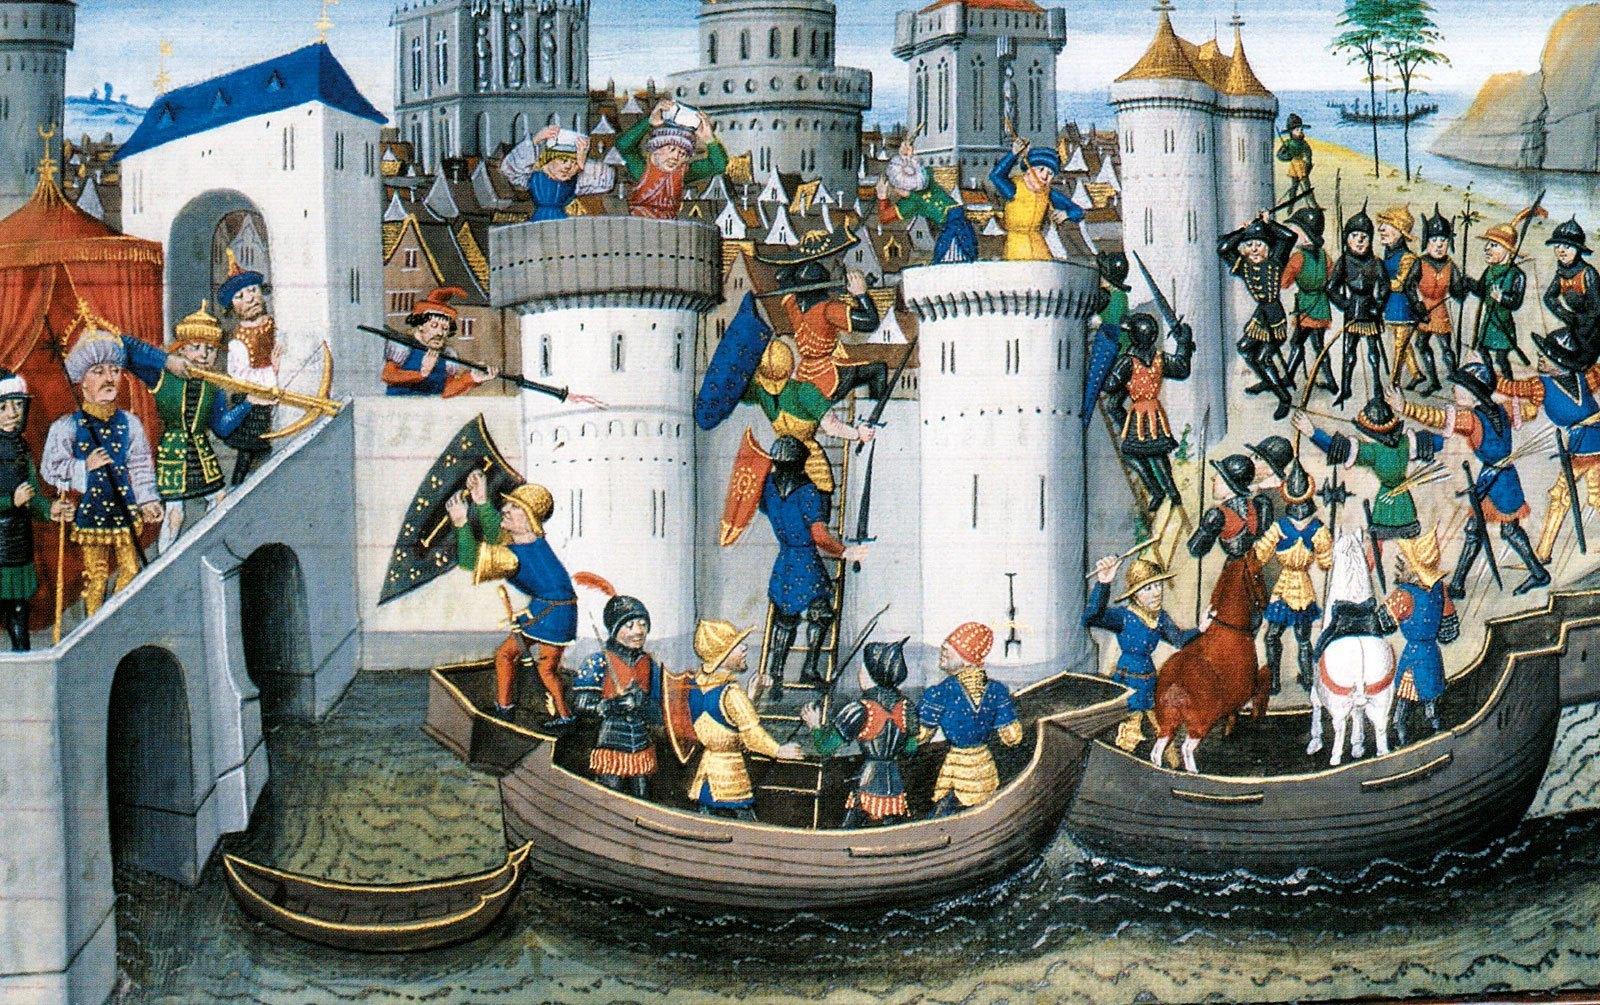 2-άλωση-Κωνσταντινούπολης-1204-Πολιορκία-Νεγροπόντε-Χαλκίδα-Βυζάντιο-Ενετοκρατία